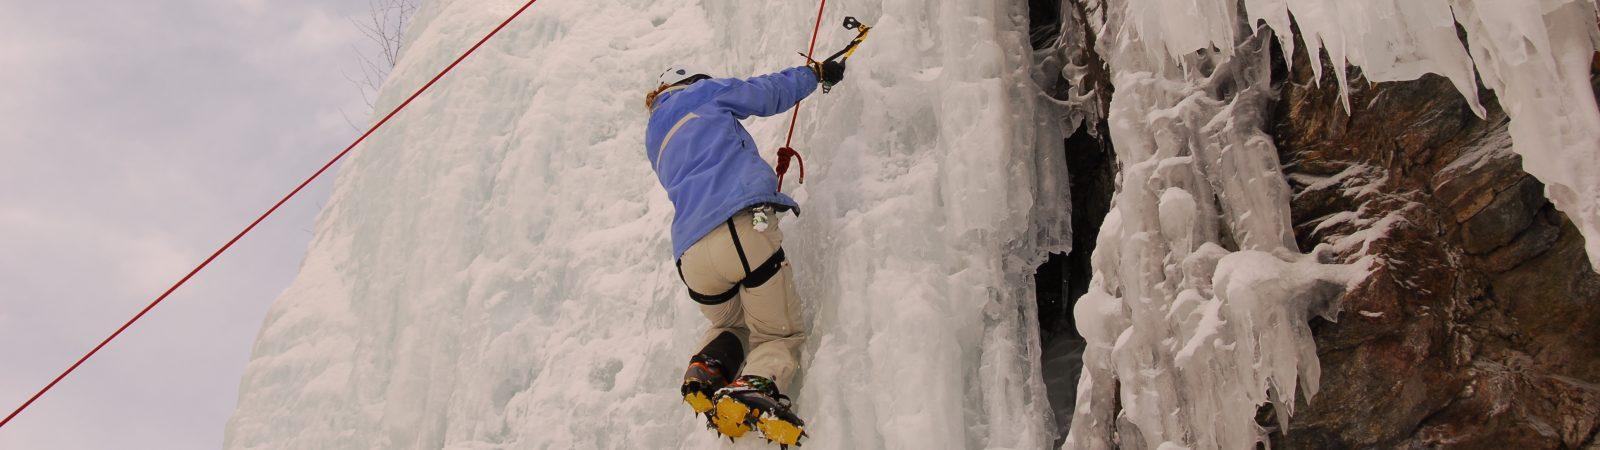 1+ day Ice climbing around Yatsugatake in Japan